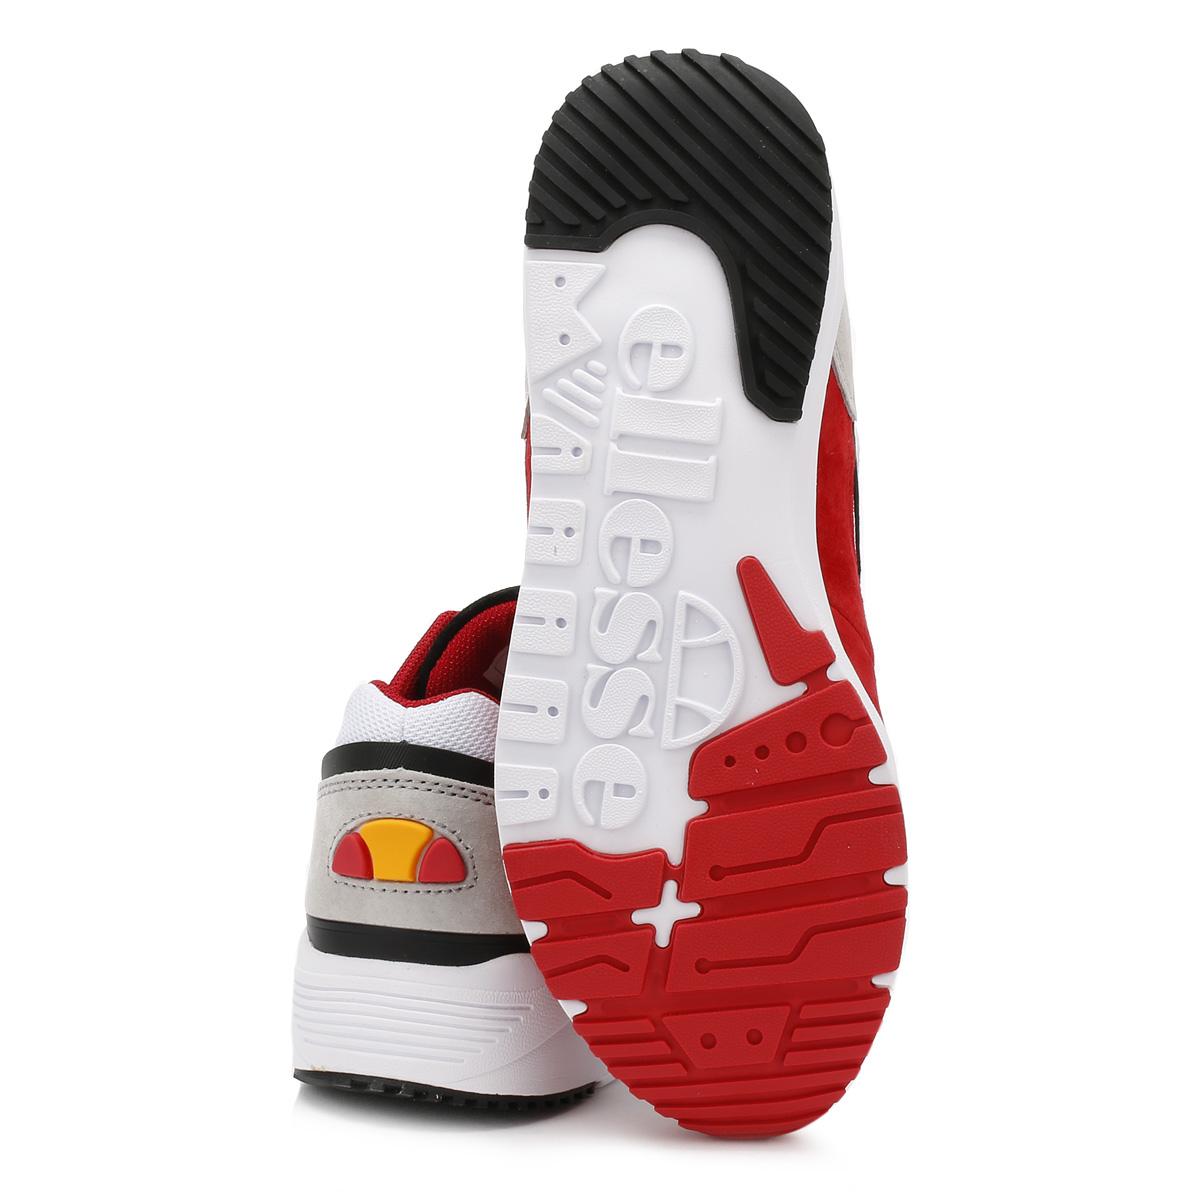 Baskets Ellesse décontractées lacets LS360 Sport homme Chaussures vqdqwP